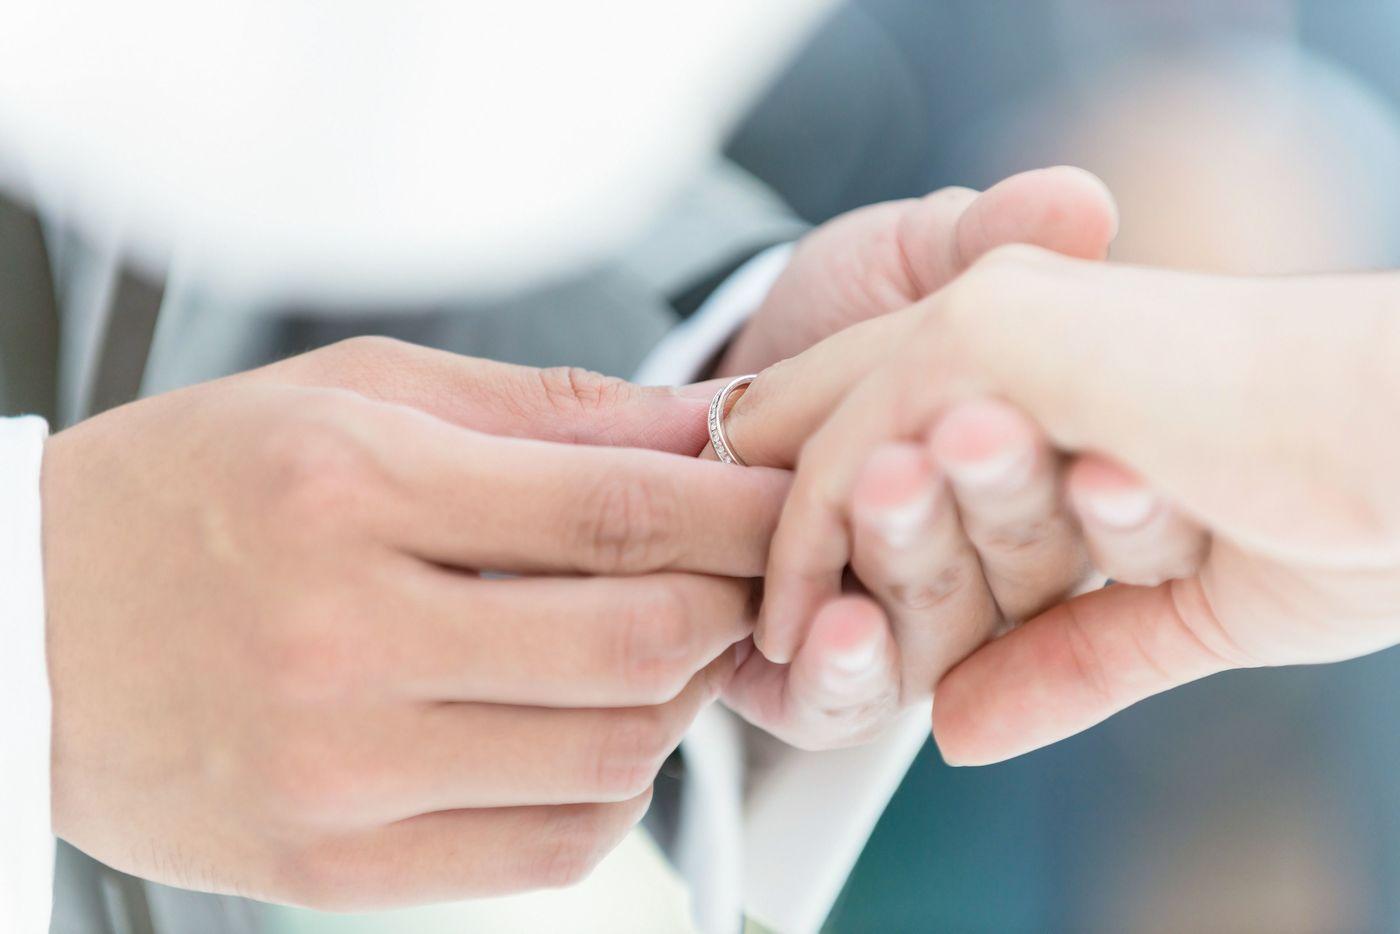 スピード婚を考えるなら必須!スピード婚の決め手やダメ男の見分け方の5枚目の画像